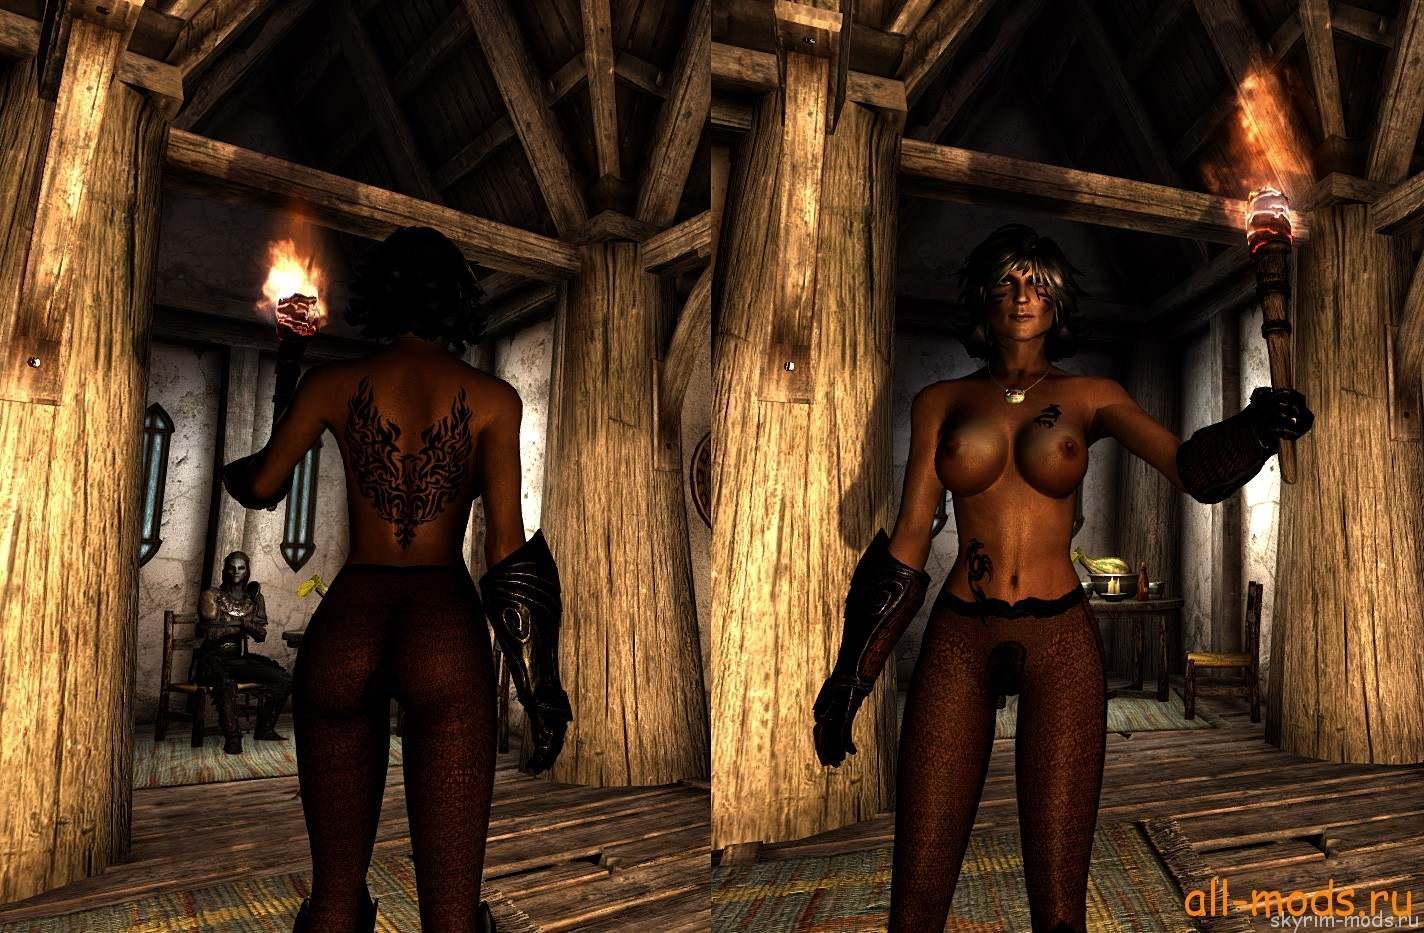 Эротическая игра для девушек 8 фотография